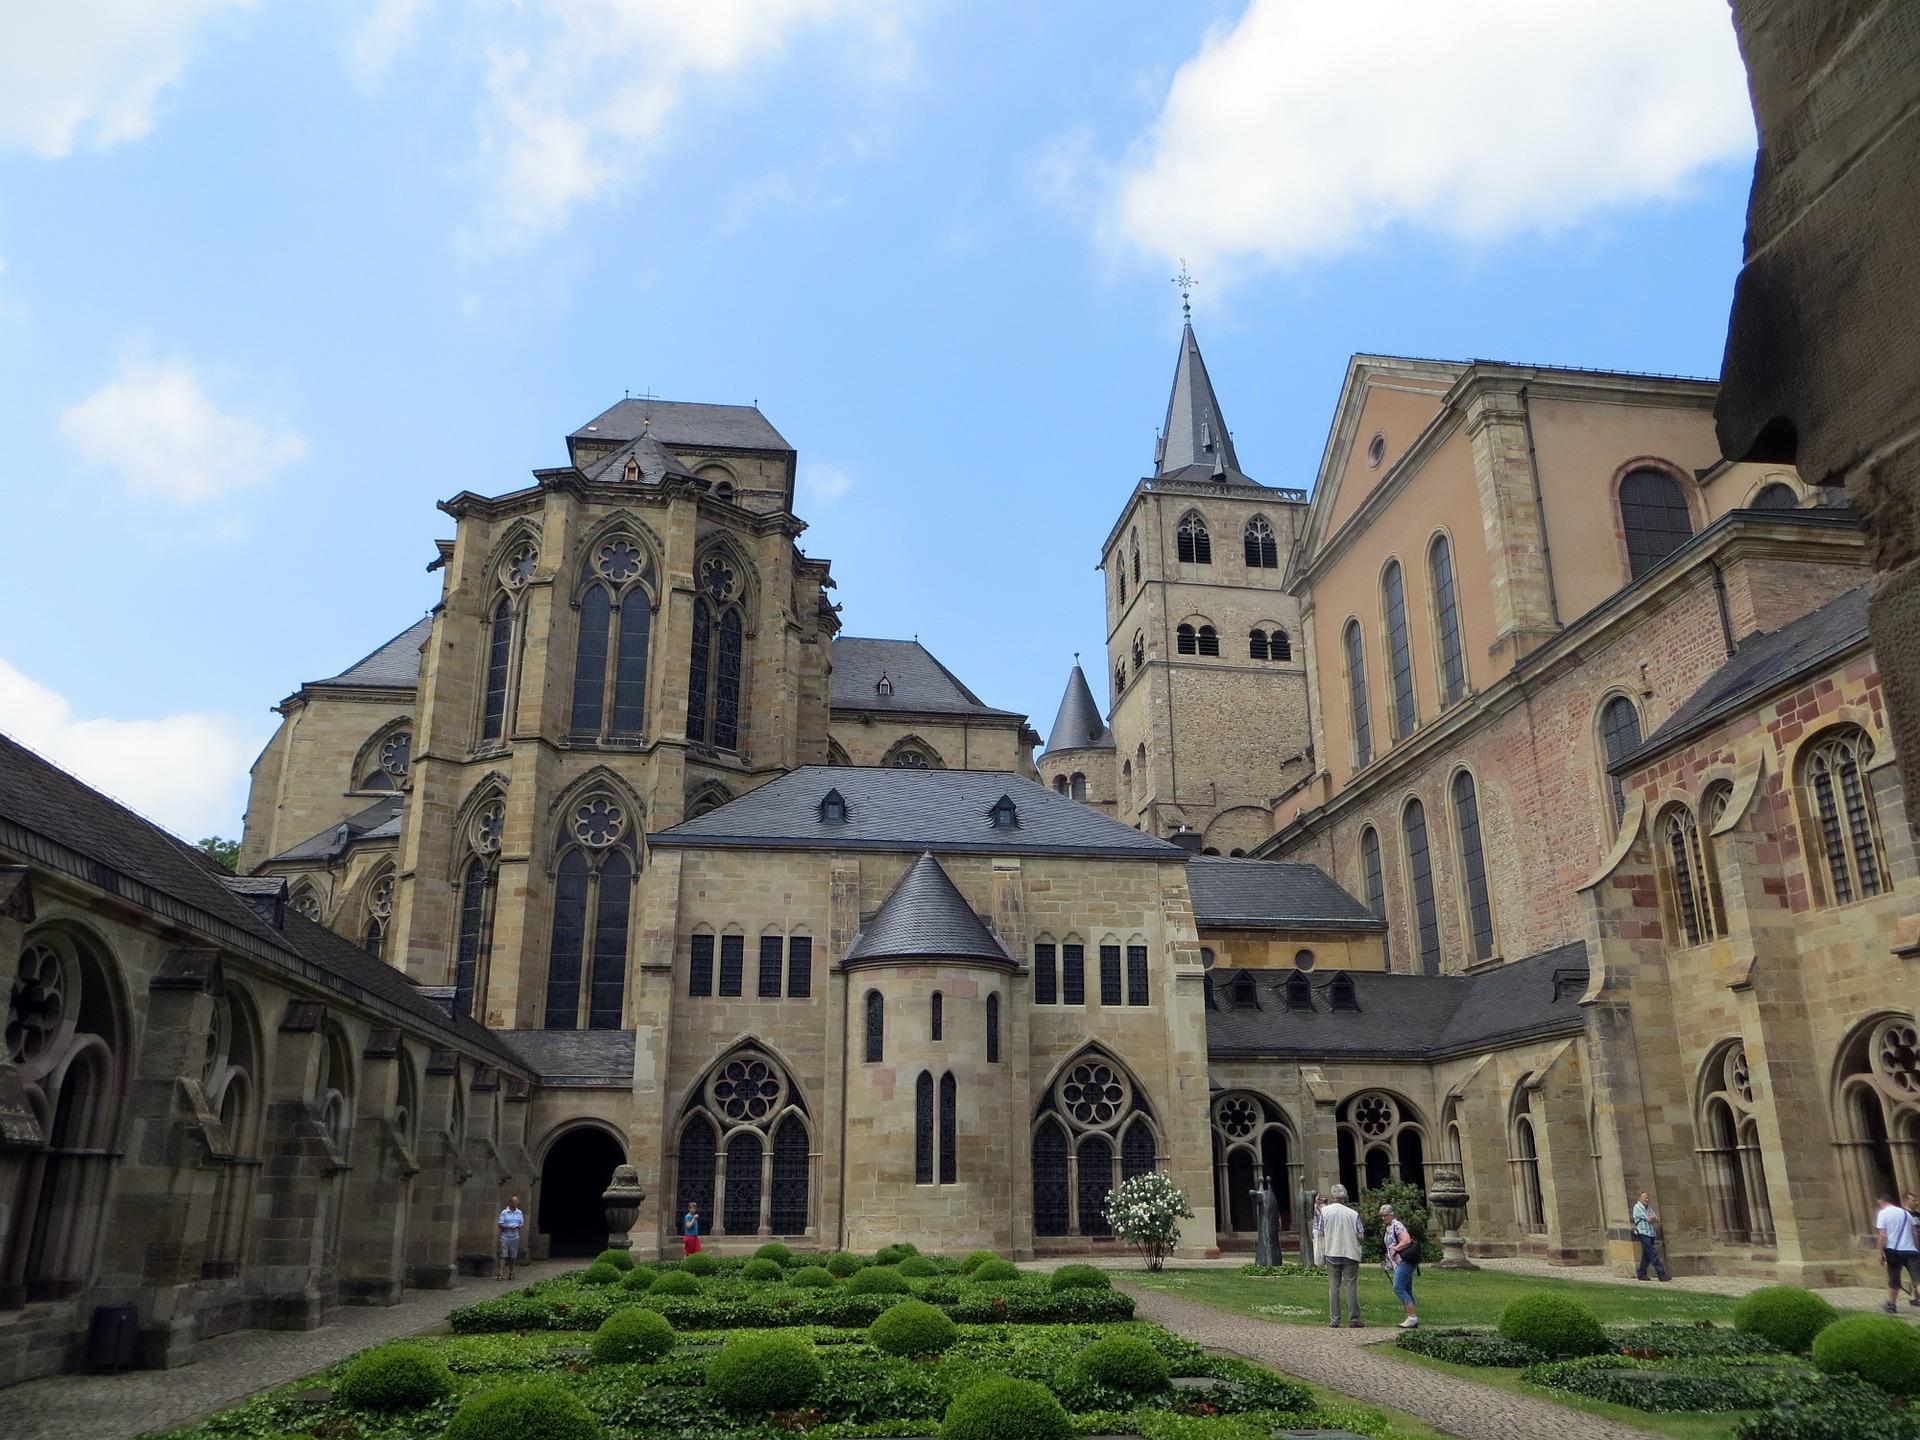 Dom in der ältesten Stadt Trier- Kurzurlaub Mosel